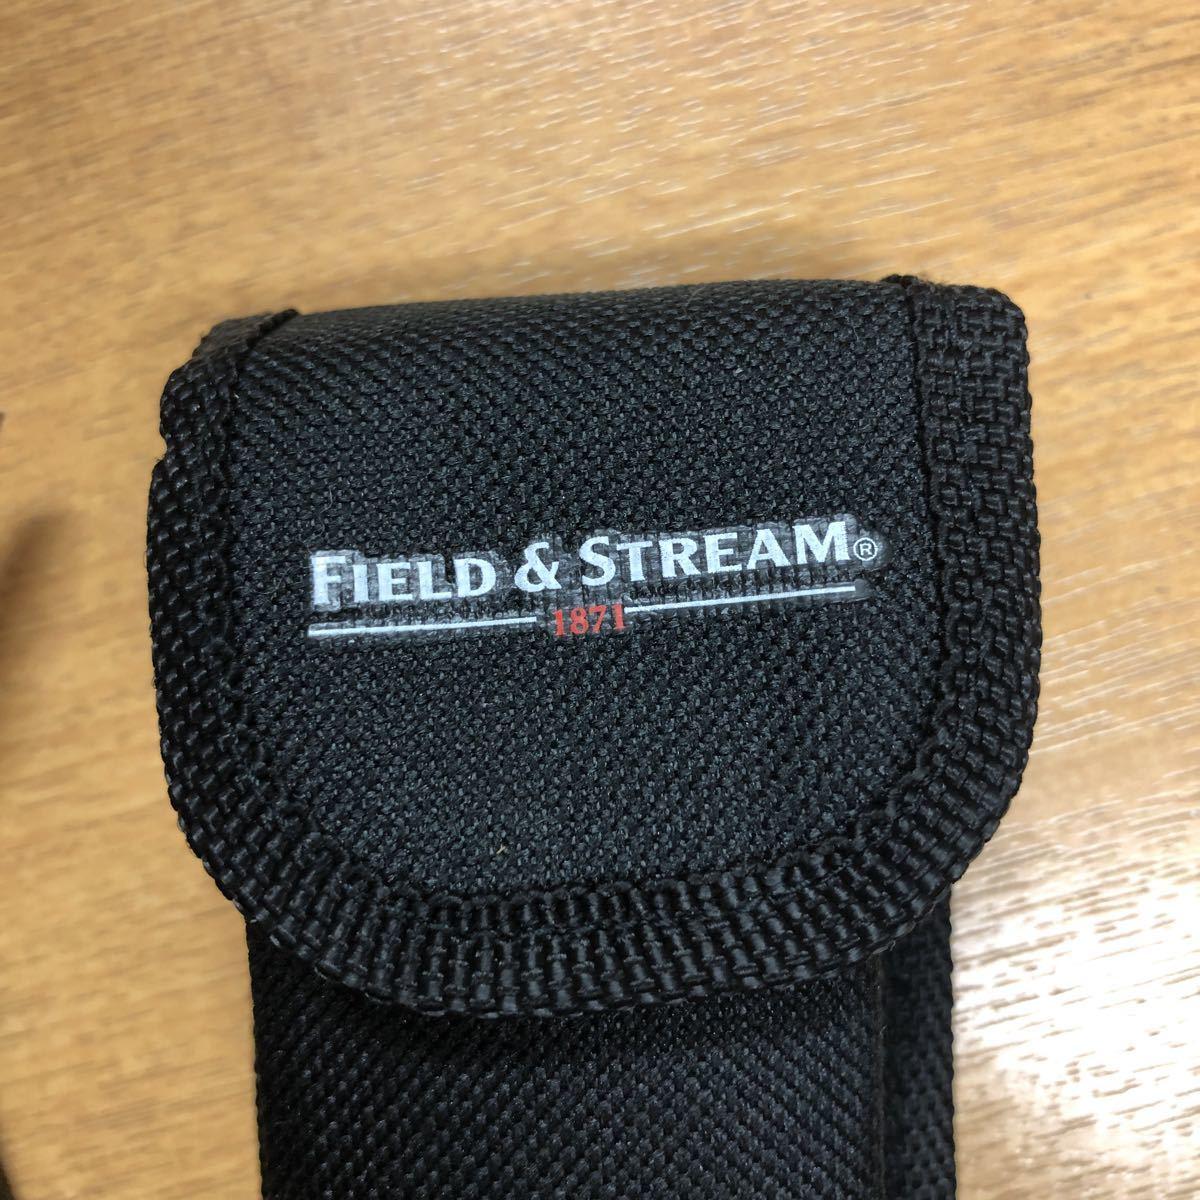 FIELD &STREAM マルチツール 釣り ペンチ プライヤー mulch tool